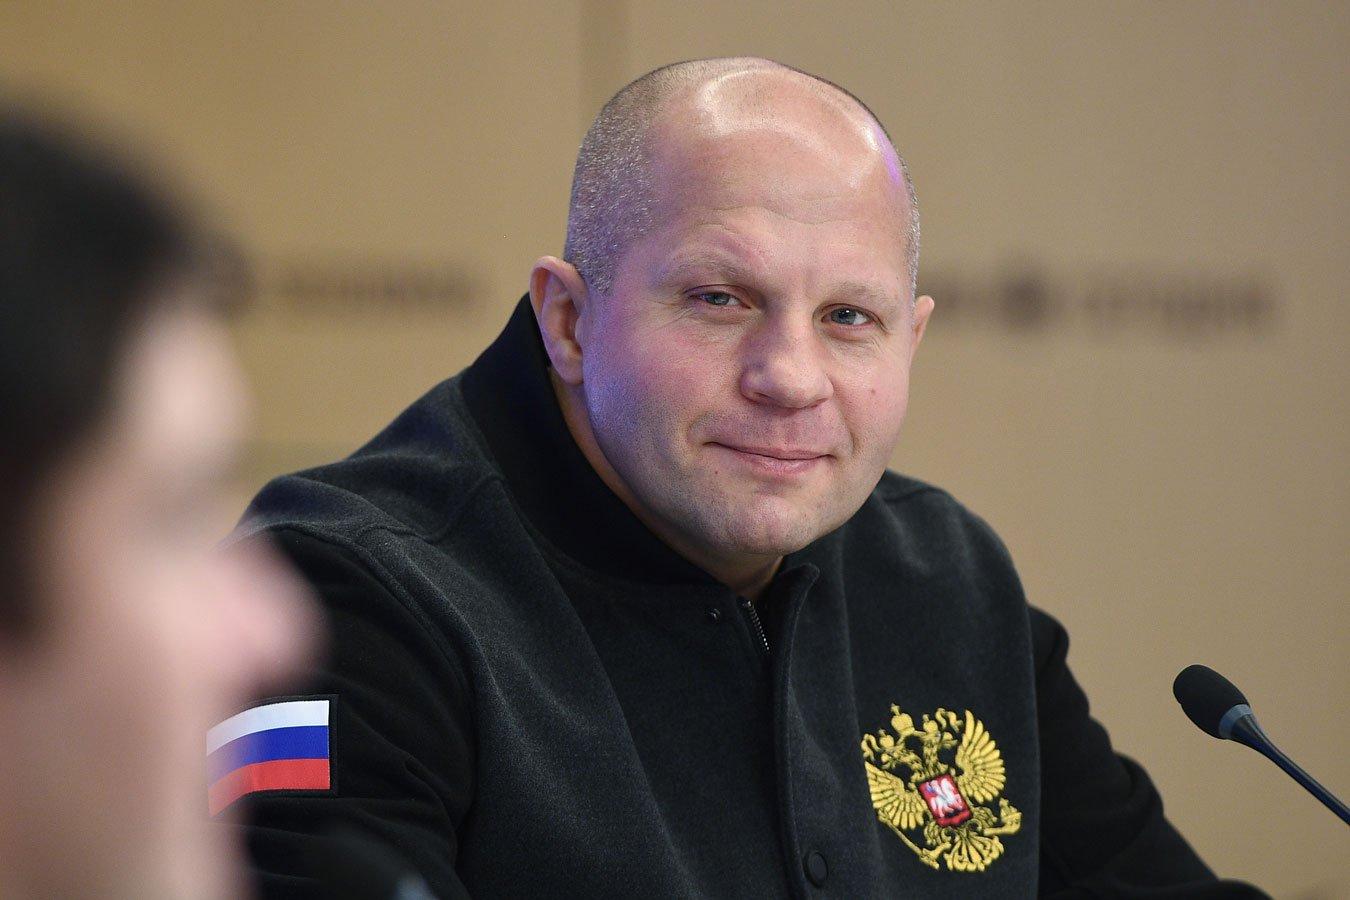 Фёдор Емельяненко проведёт бой 23 октября в Москве